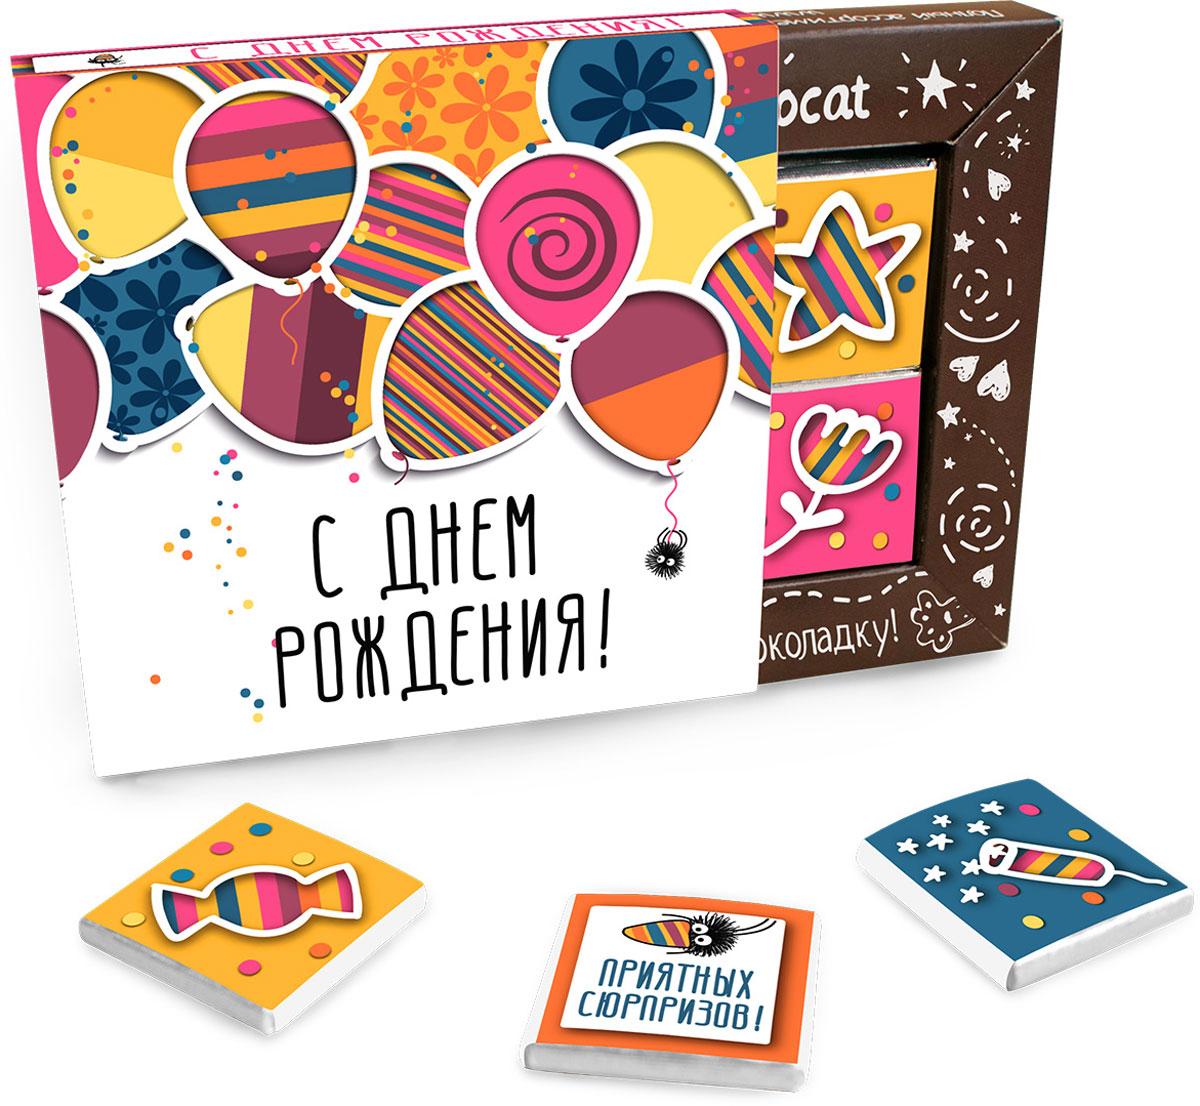 Chokocat С днем рождения молочный шоколад, 60 г. 774573 chokocat календарь зимние забавы молочный шоколад 75 г